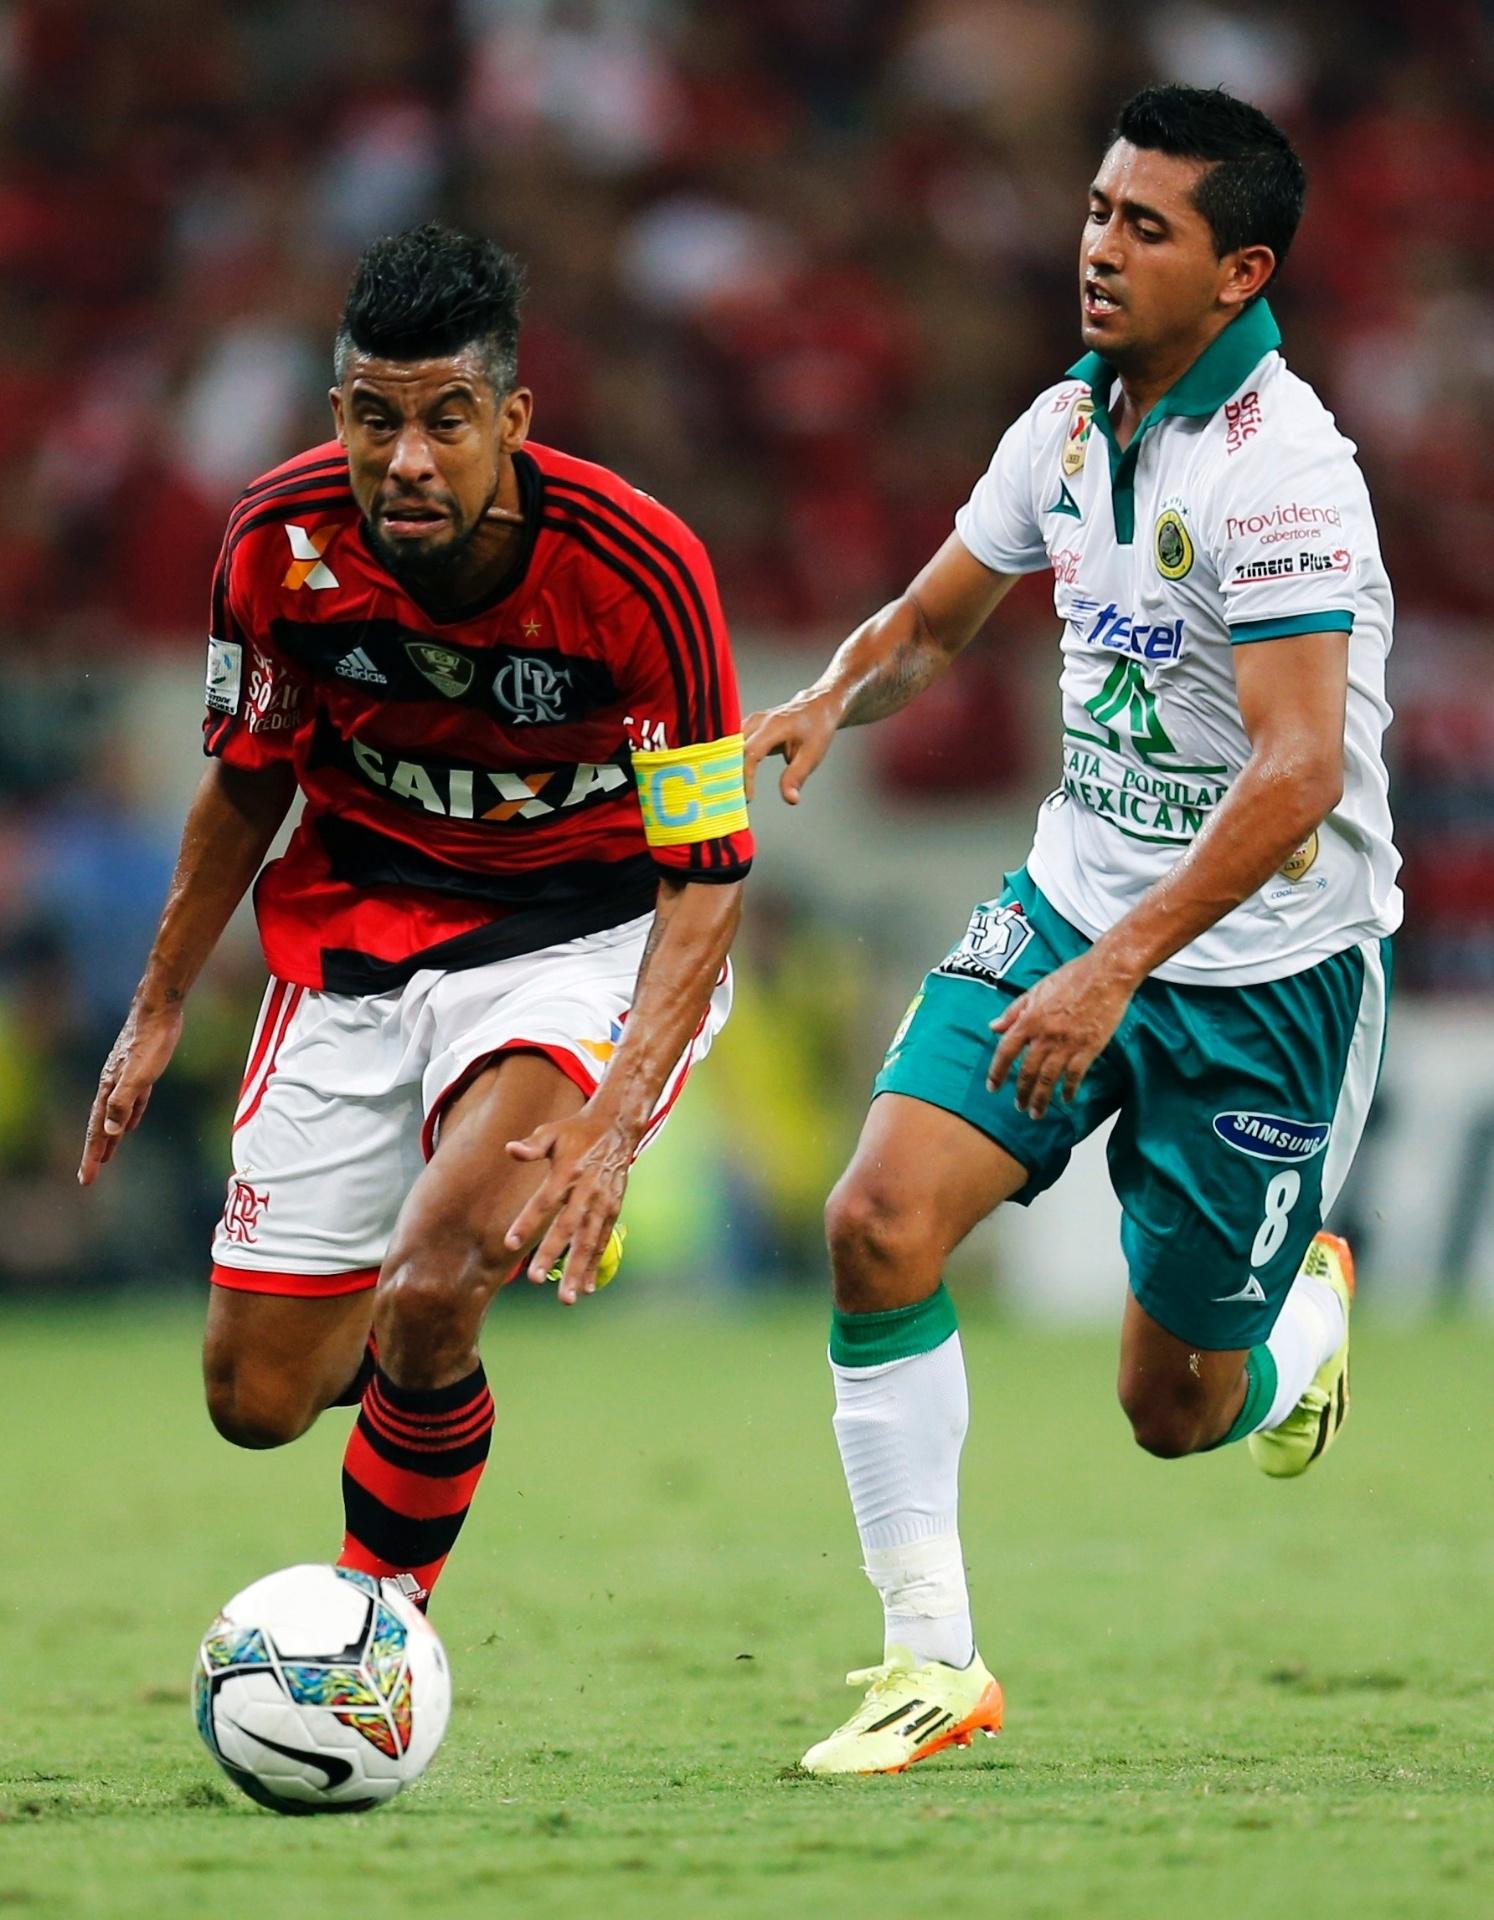 09.04.2014 - Capitão do Flamengo, Léo Moura tenta a progressão para o ataque